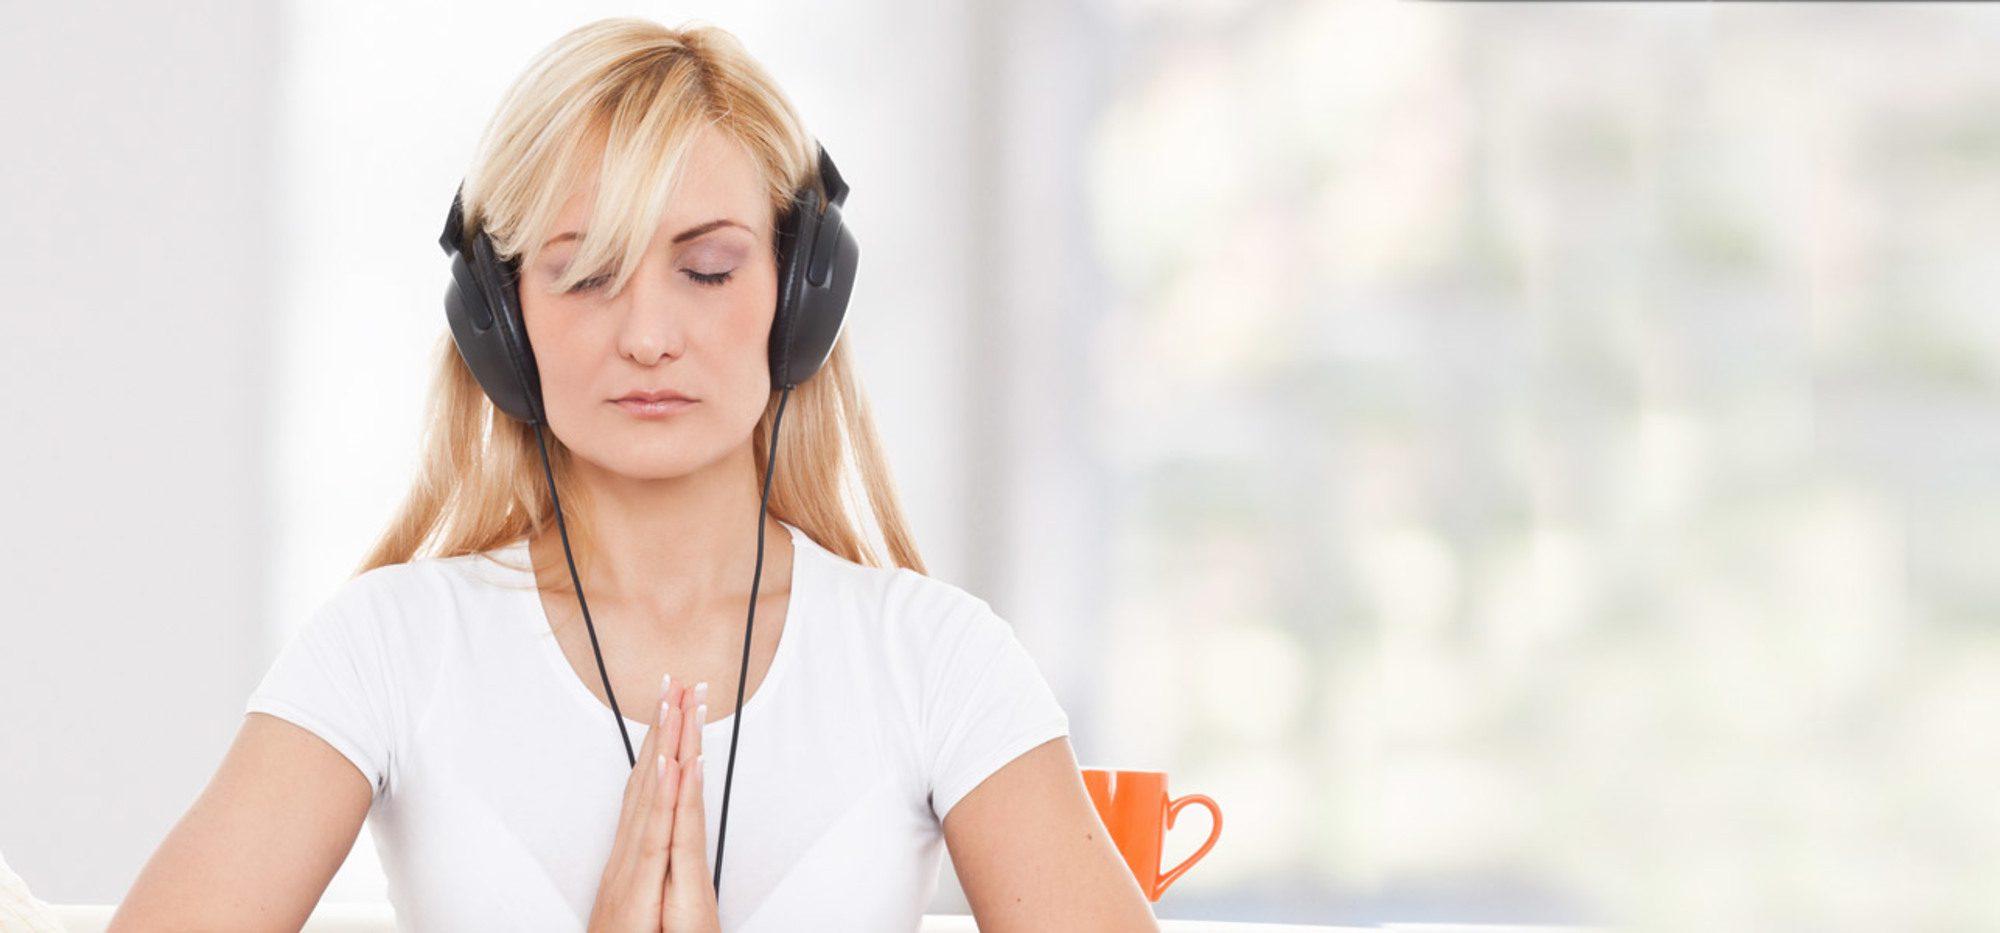 Hallgassunk-e jógázás alatt zenét?